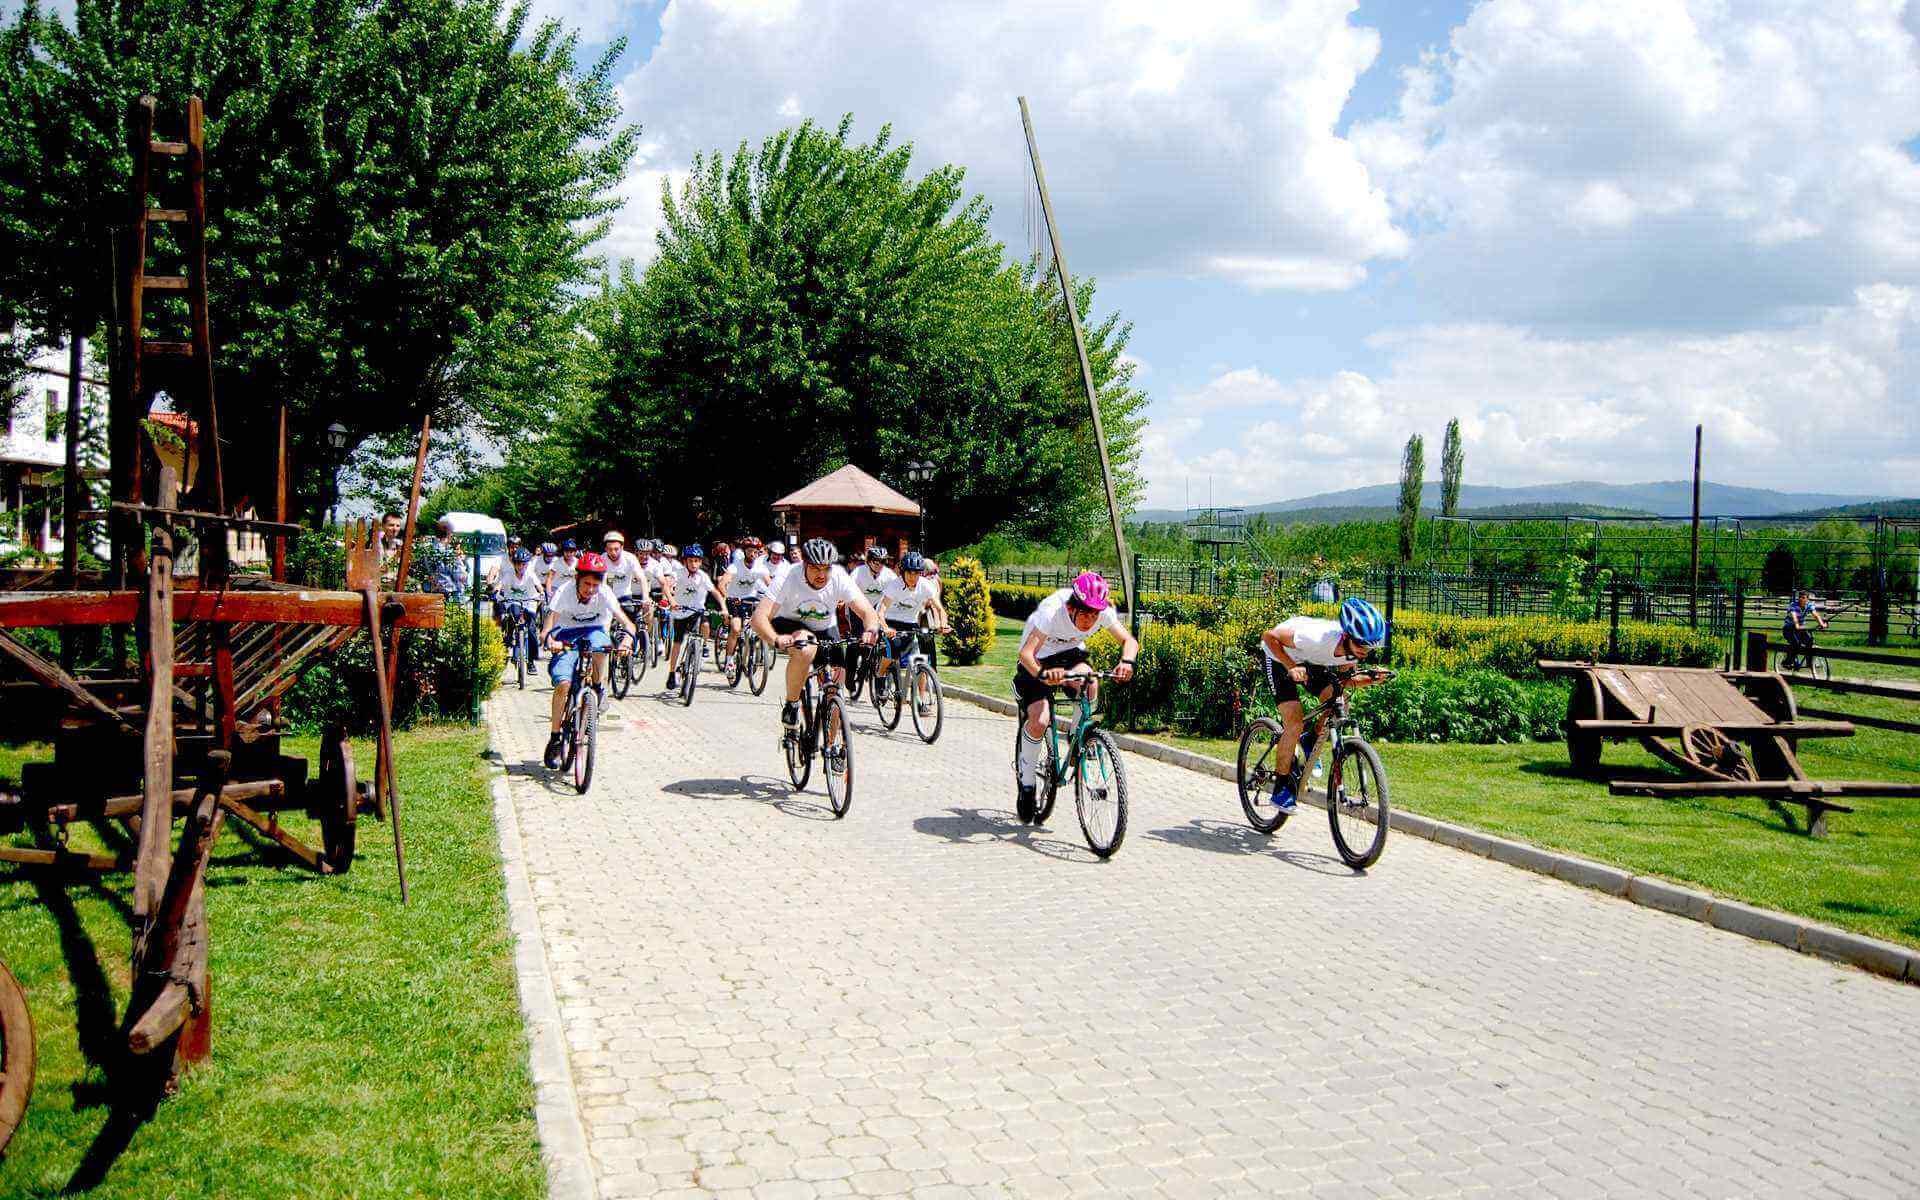 Bisiklet Sürüşleri - Dağ Bisikleti Turları Kastamonu